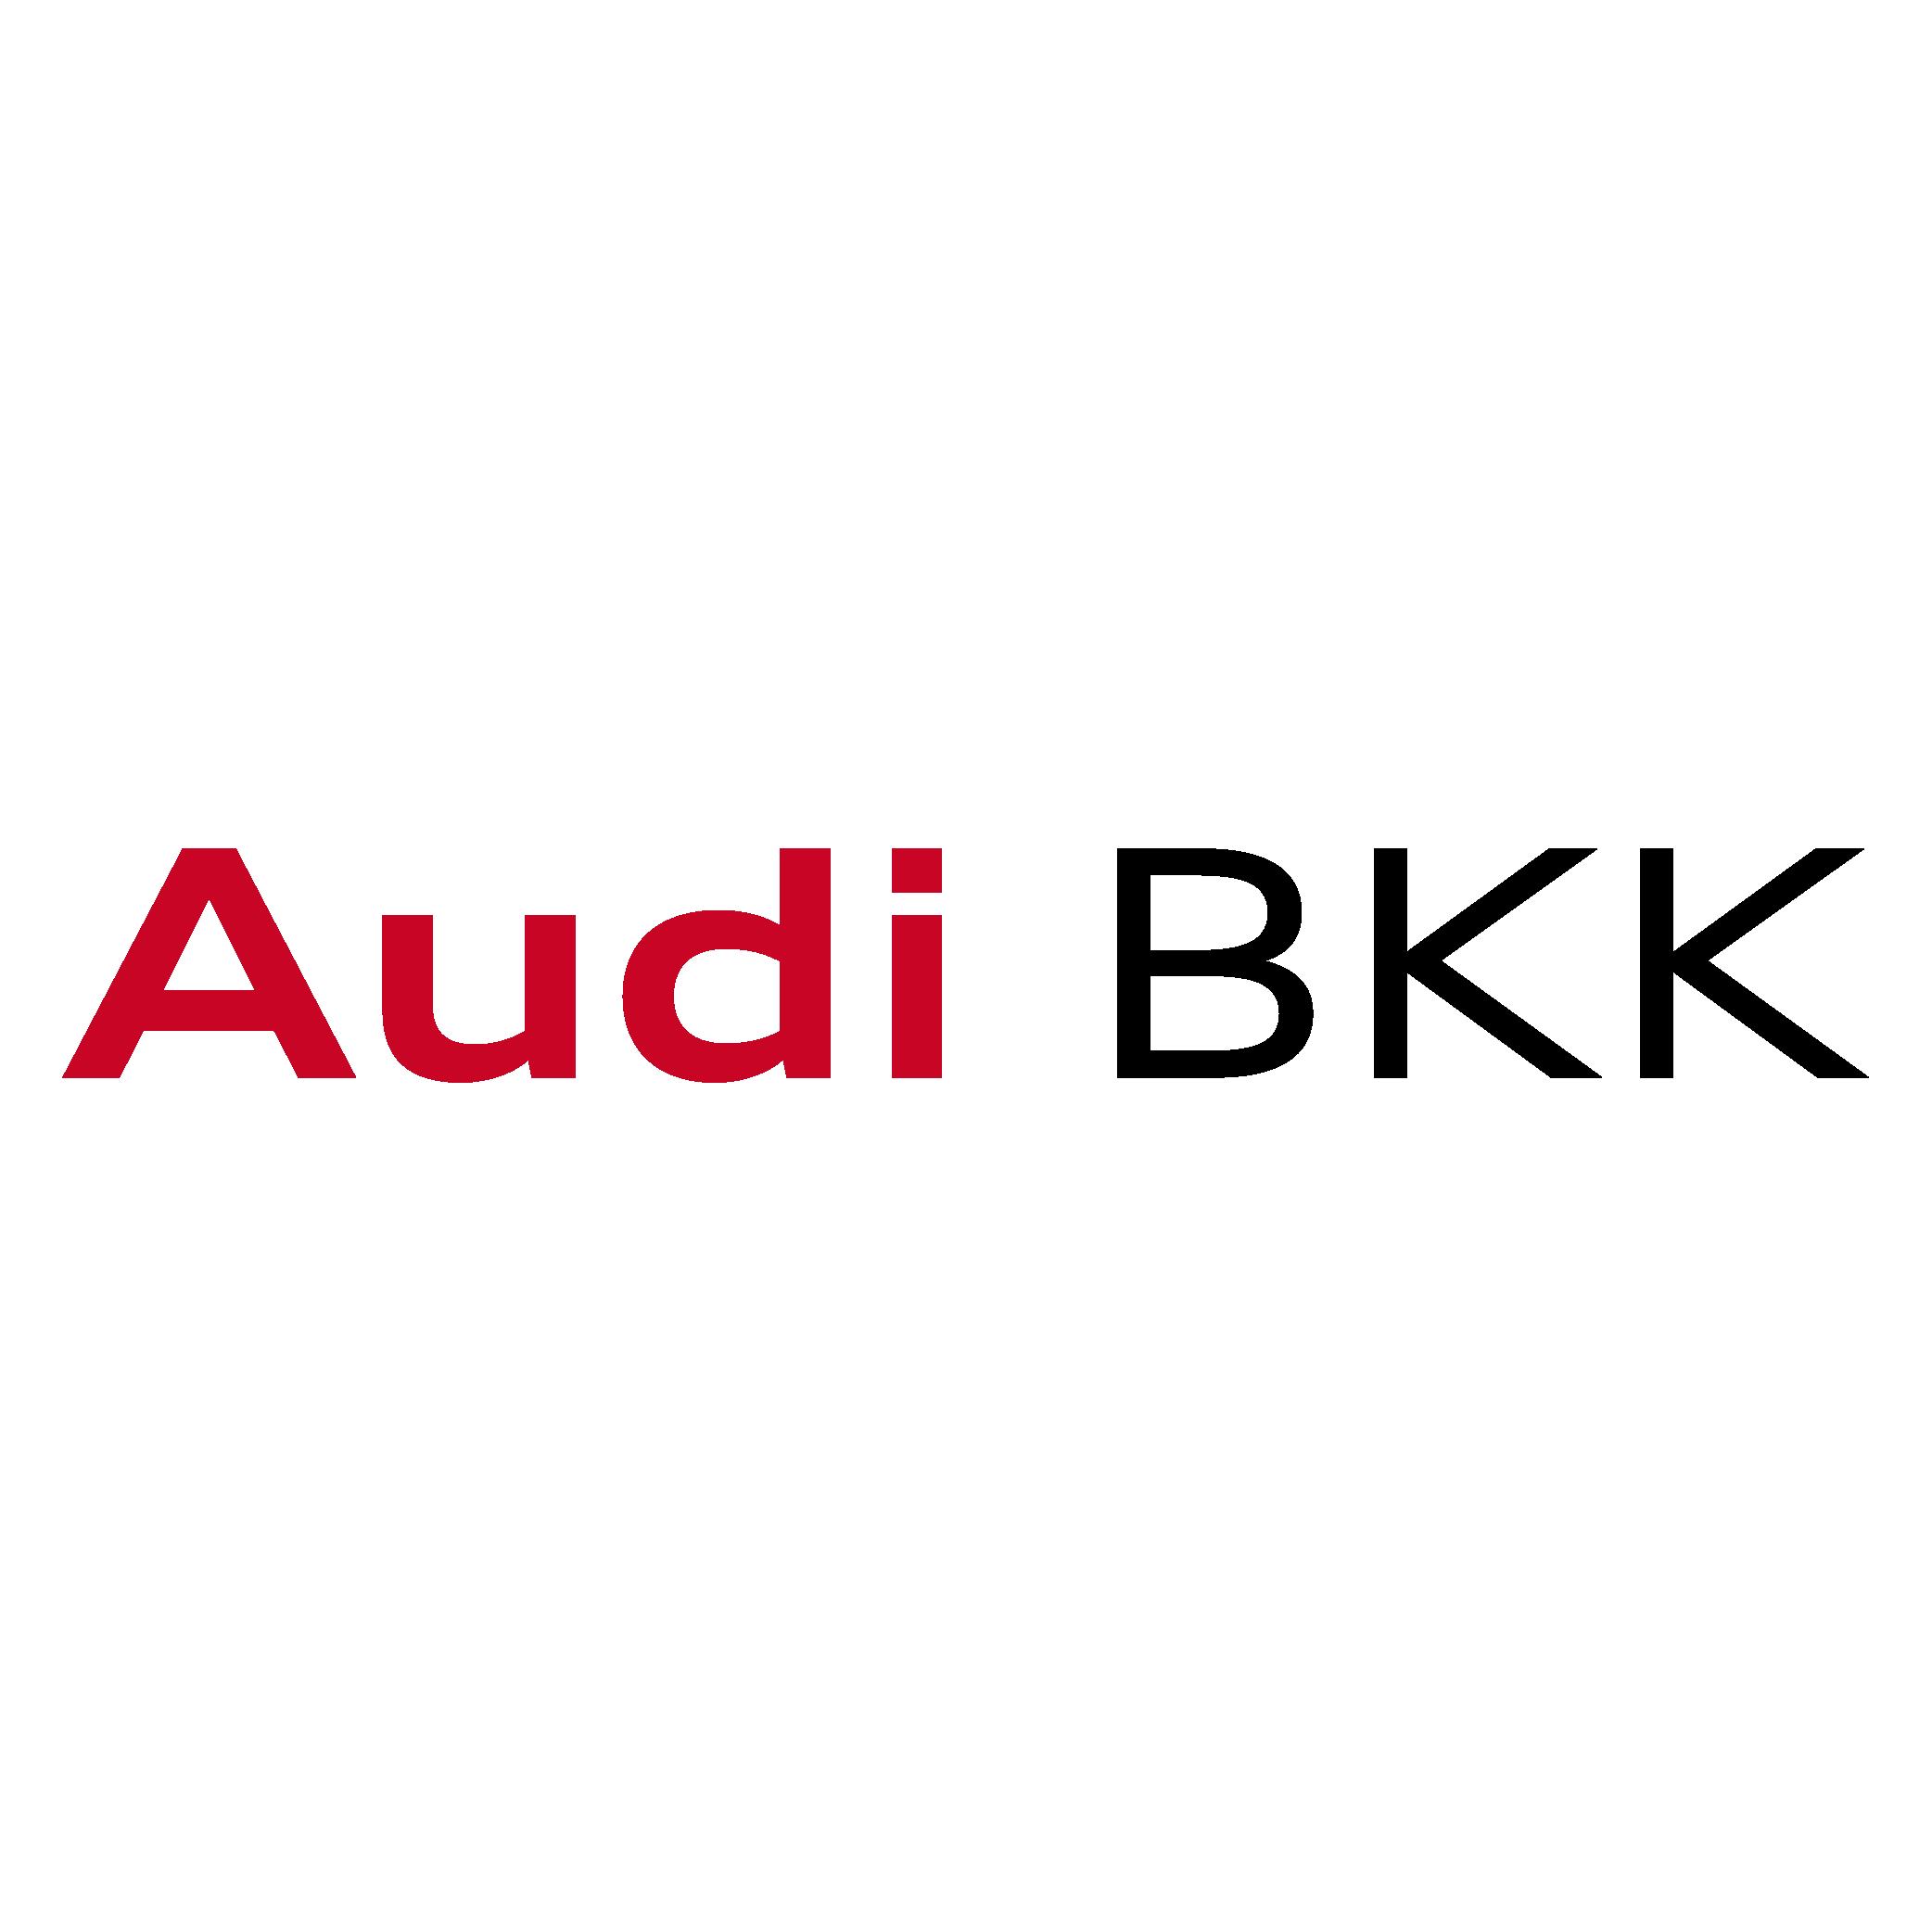 Markenzeichen der Audi BKK